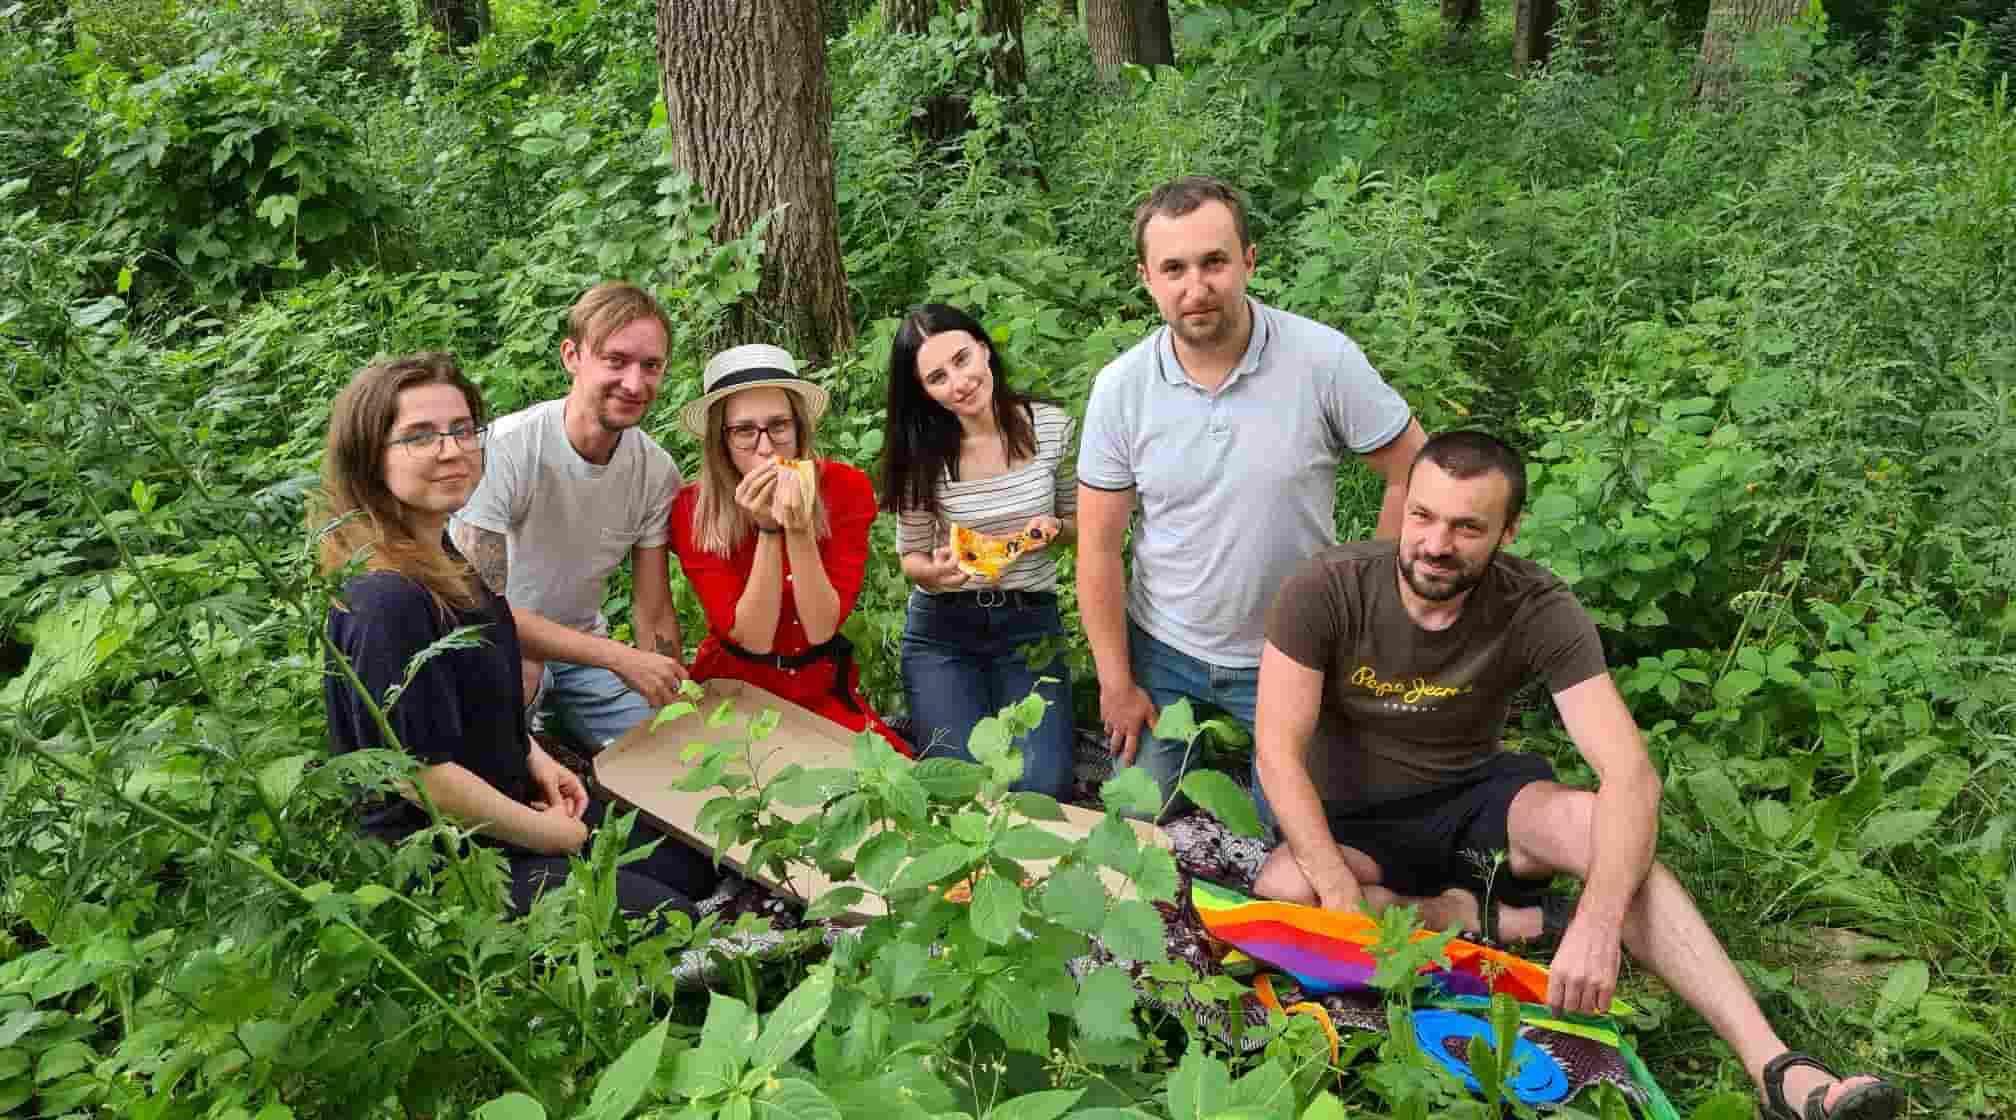 Picnic in Khmelnytsky